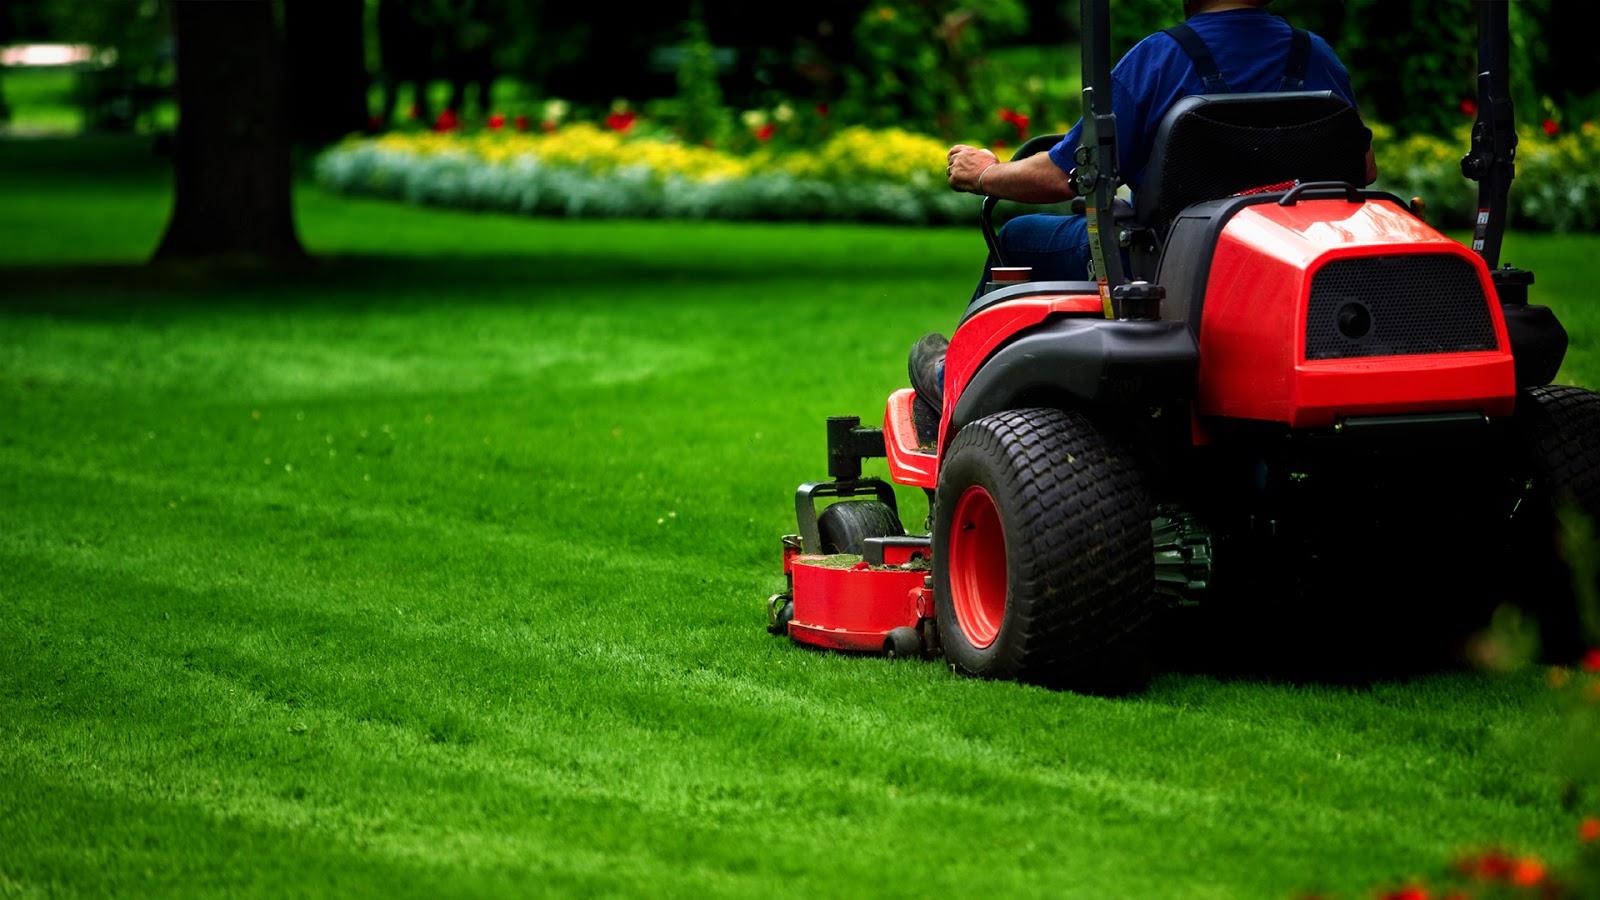 lawn care tips for winter 2017 yard landscape design. Black Bedroom Furniture Sets. Home Design Ideas